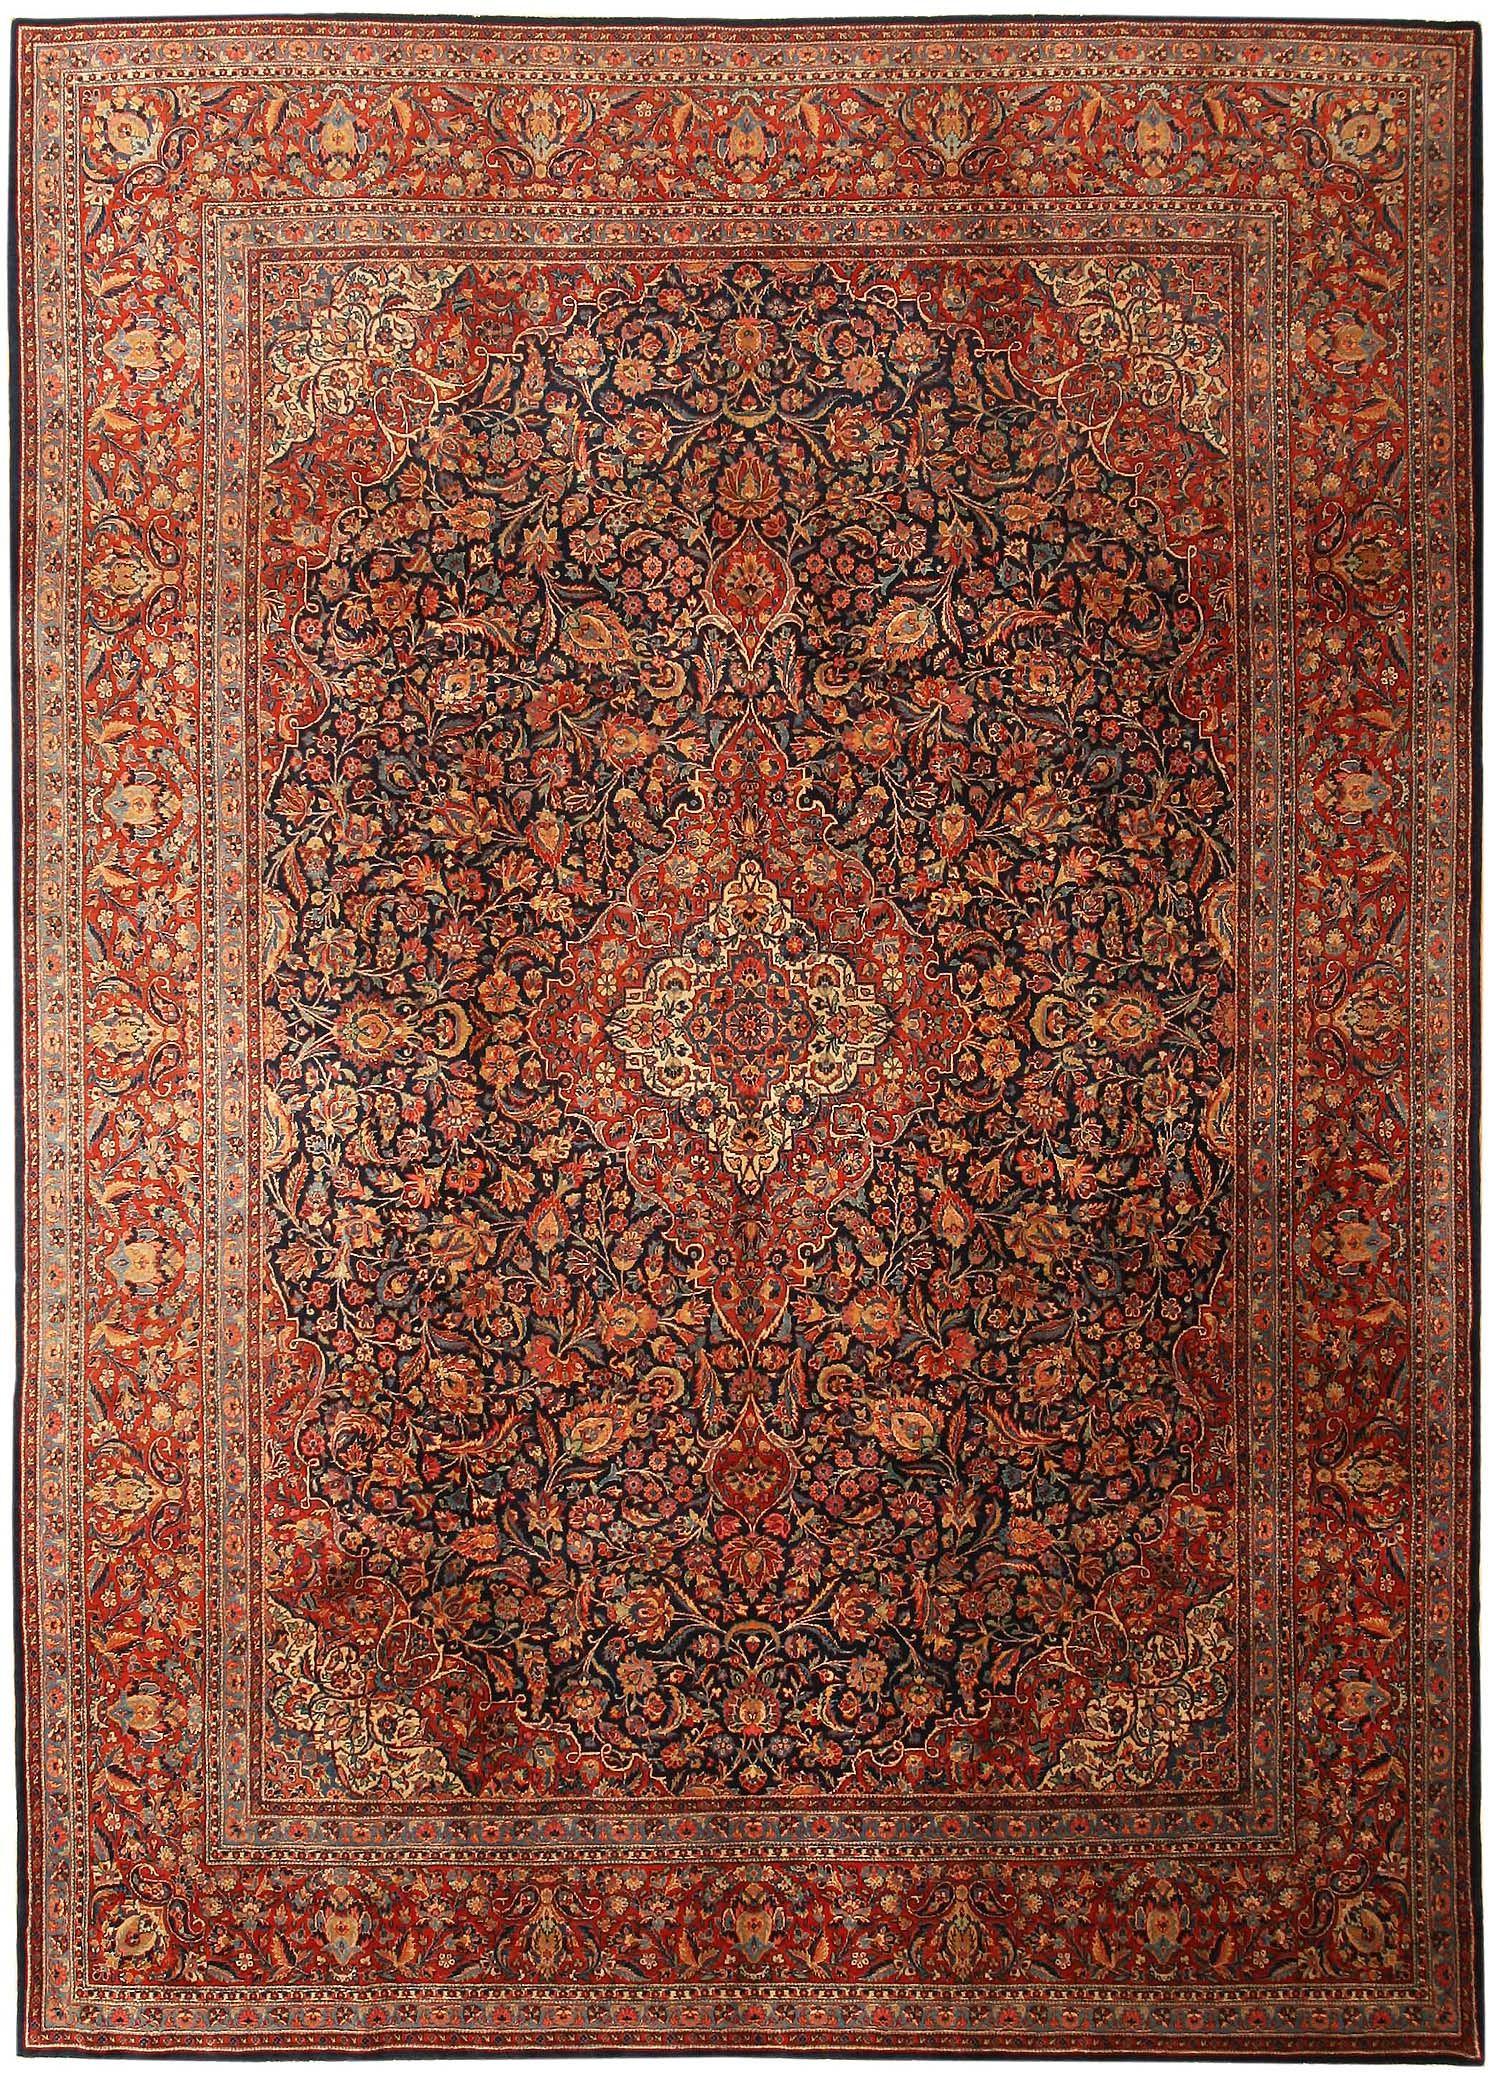 Kashan Tappeti antichi, Tappeto floreale e Tappeti kilim